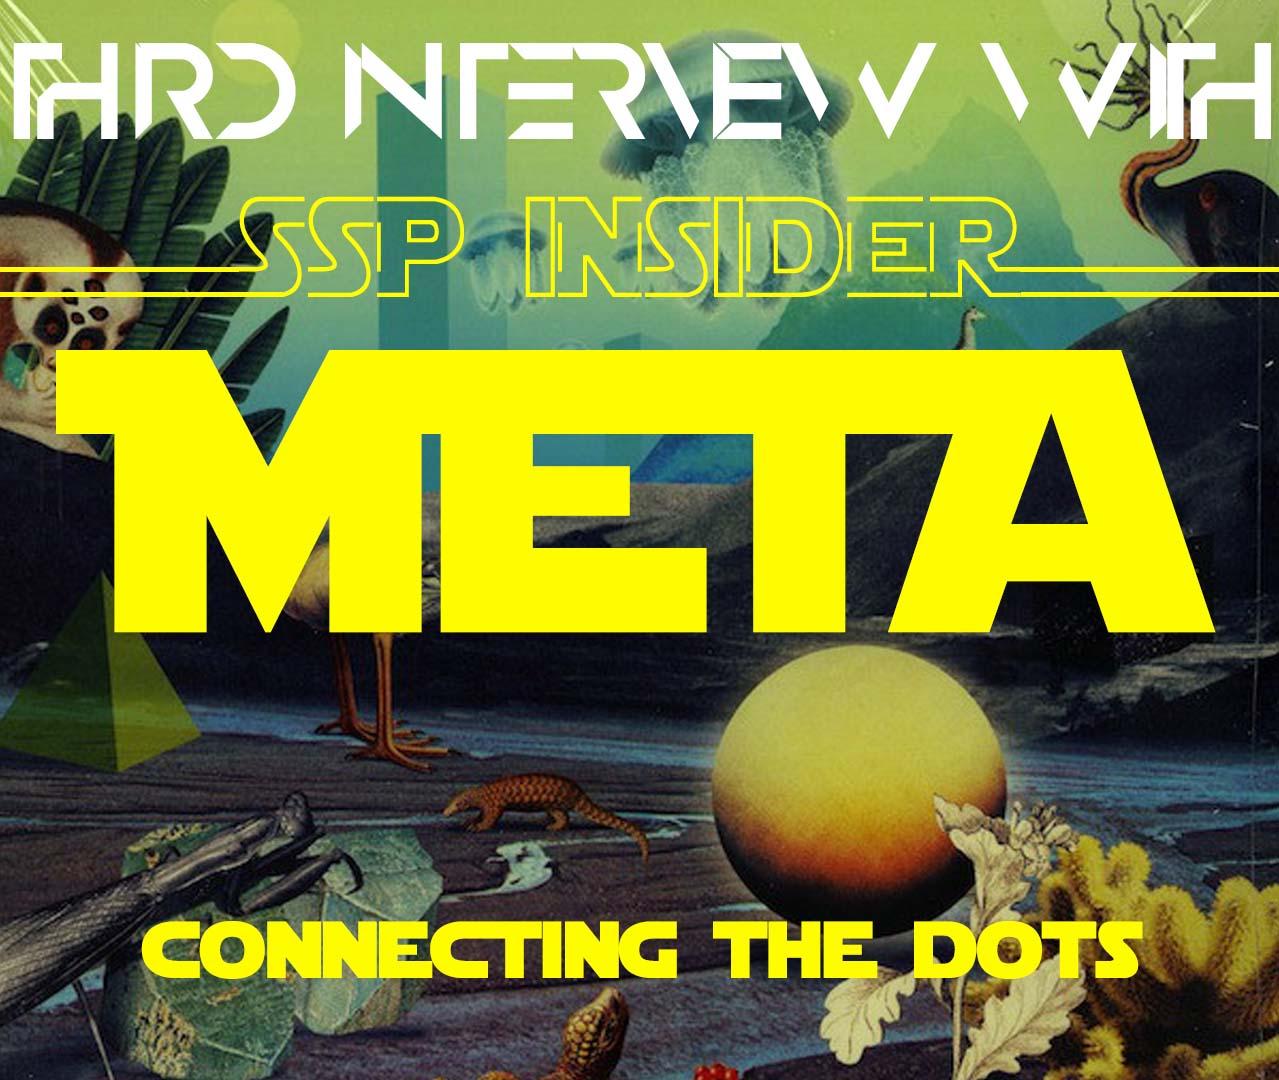 Drittes Interview mit dem SSP-Insider META: Den Zusammenhang herstellen